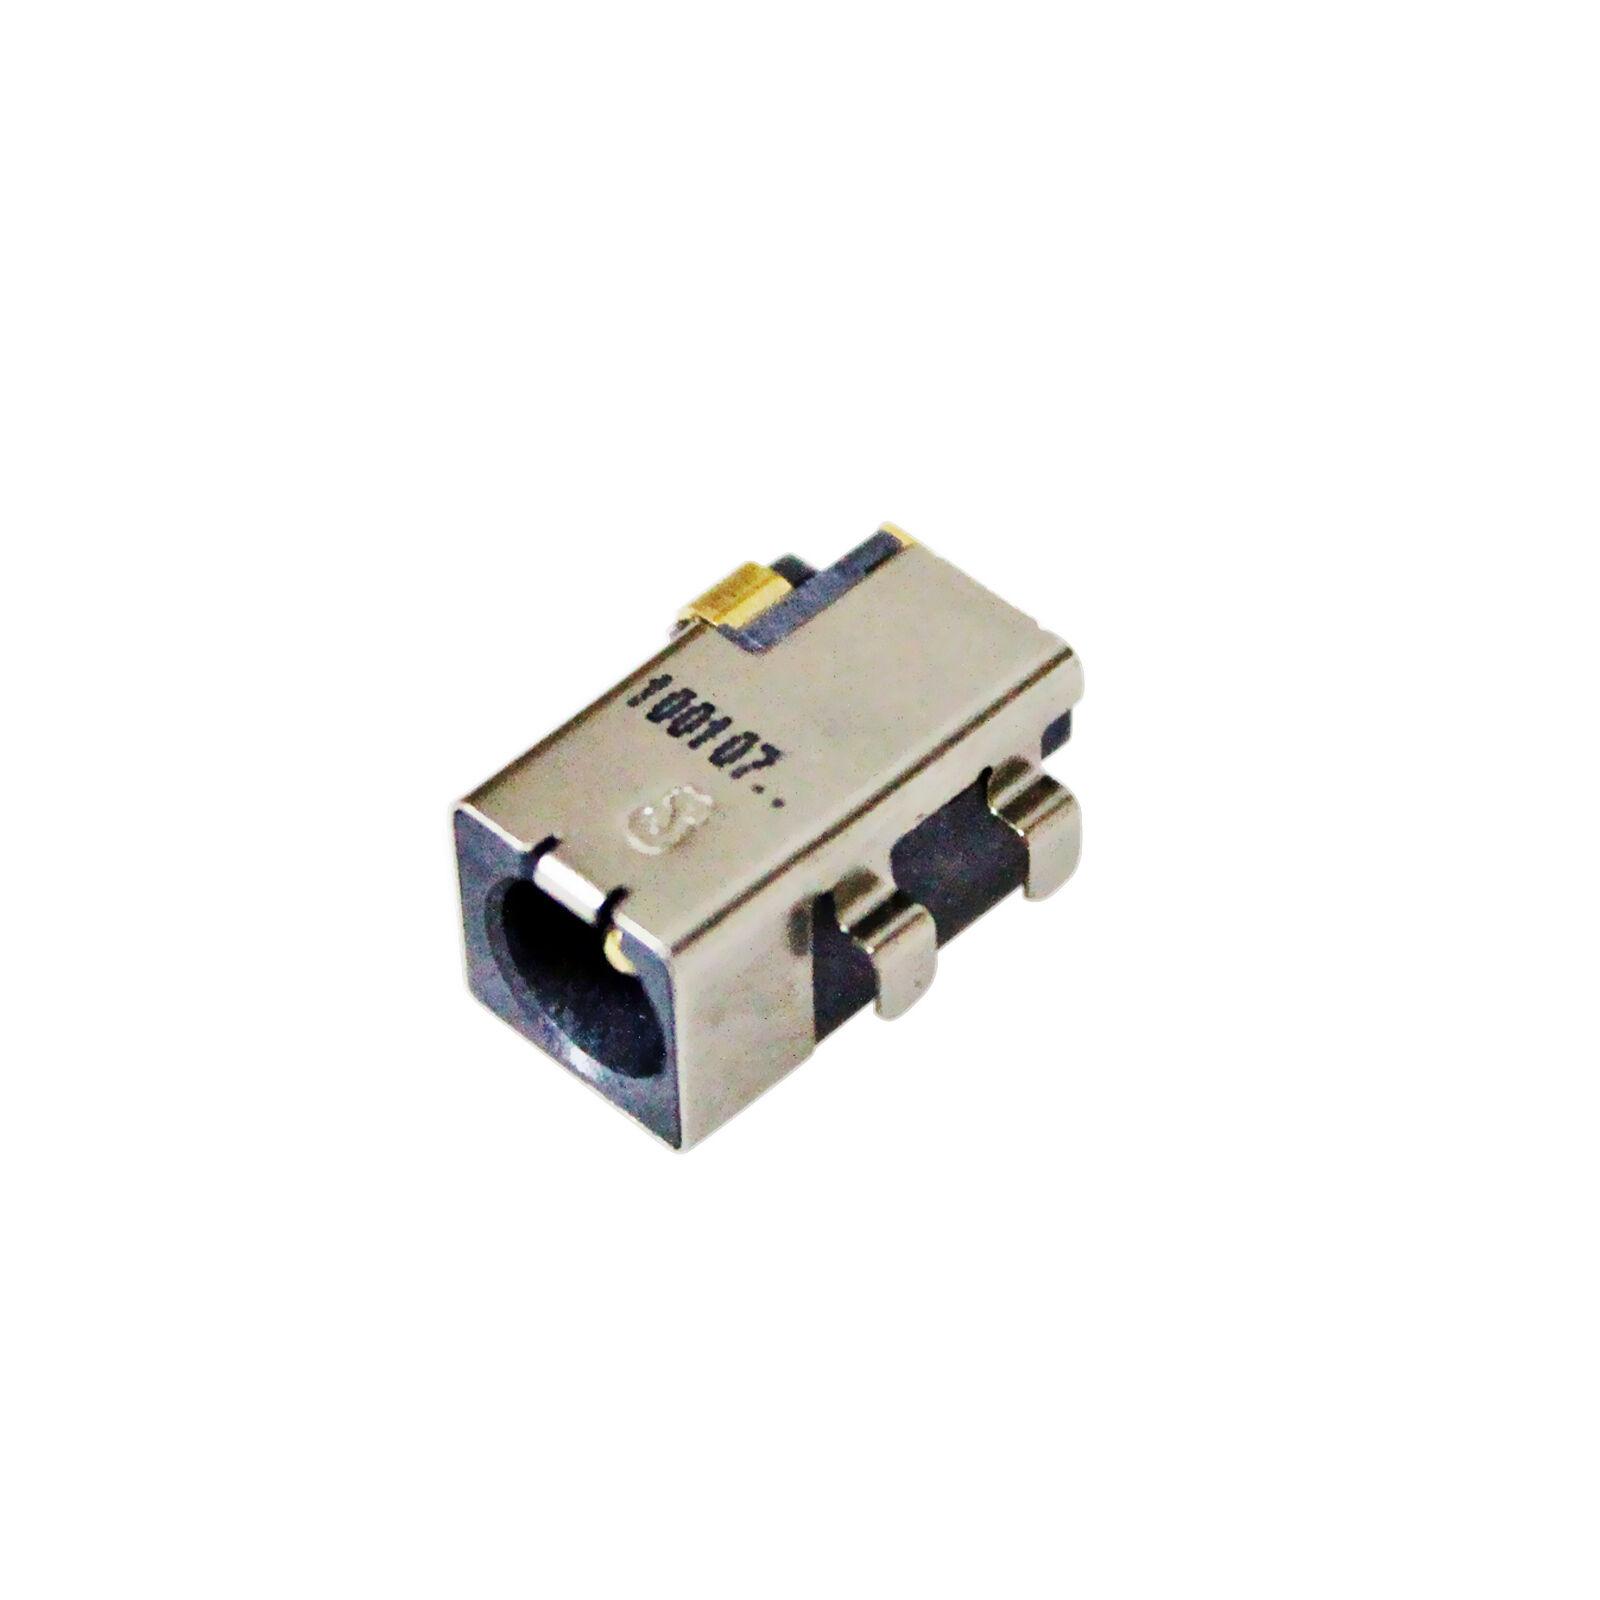 DC POWER JACK CABLE HP 17-X059NG 17-X060NB 17-X061NR 17-X061NZ 17-X062NA SOCKET